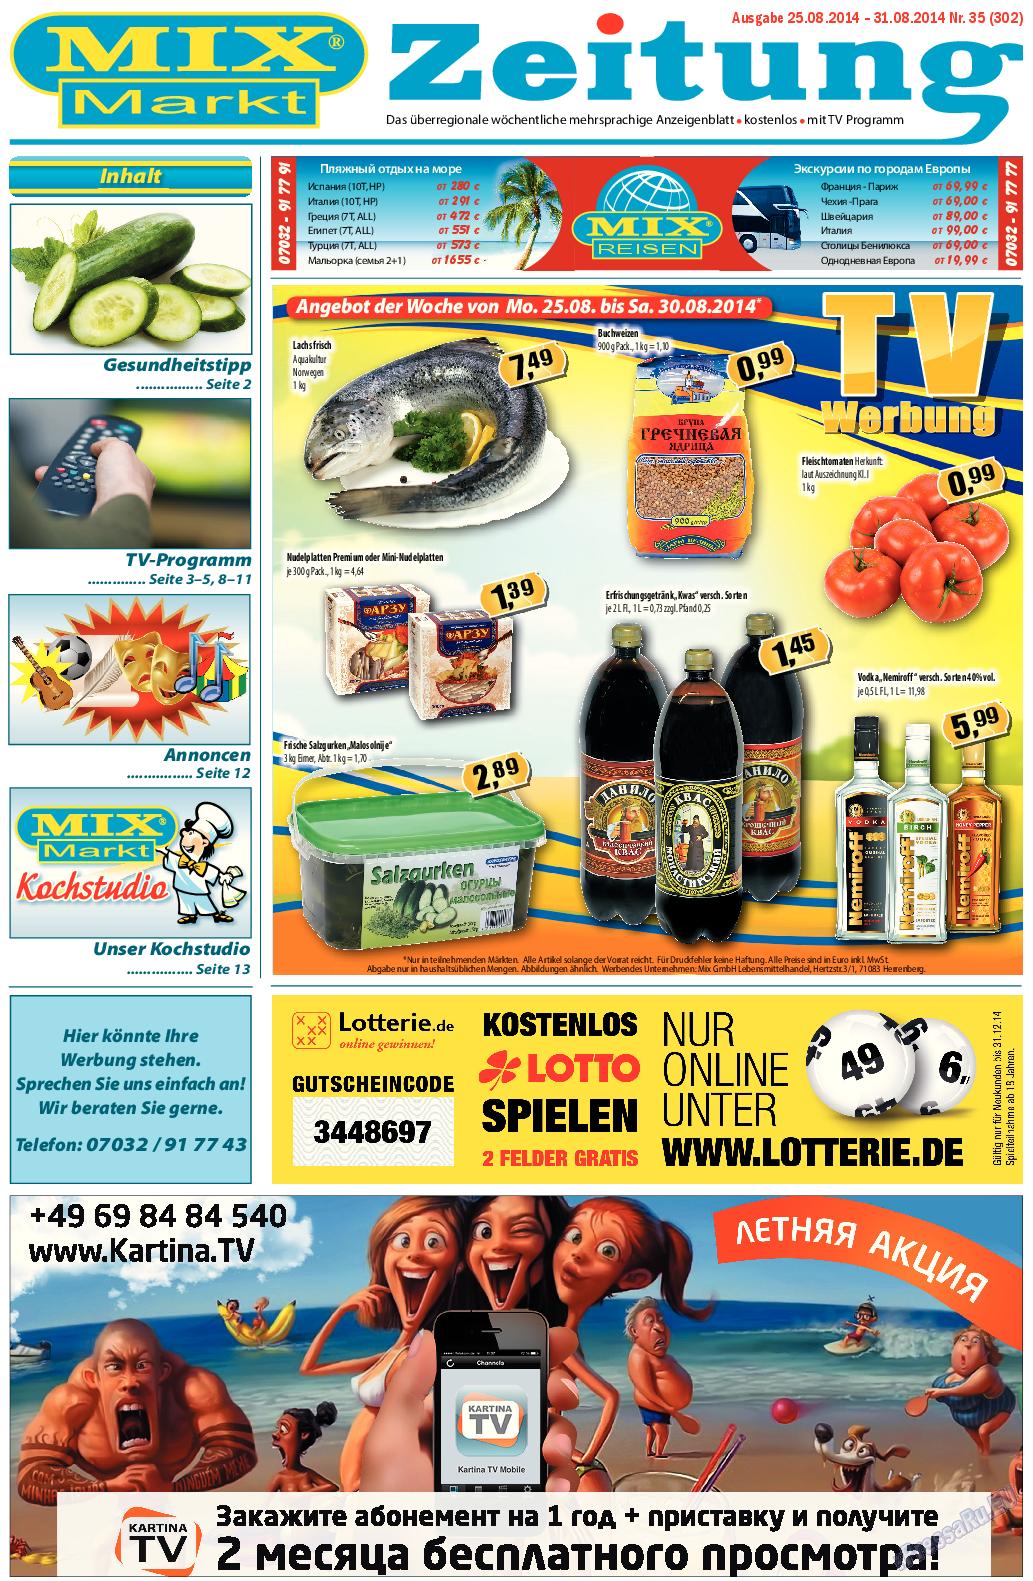 MIX-Markt Zeitung (газета). 2014 год, номер 35, стр. 1